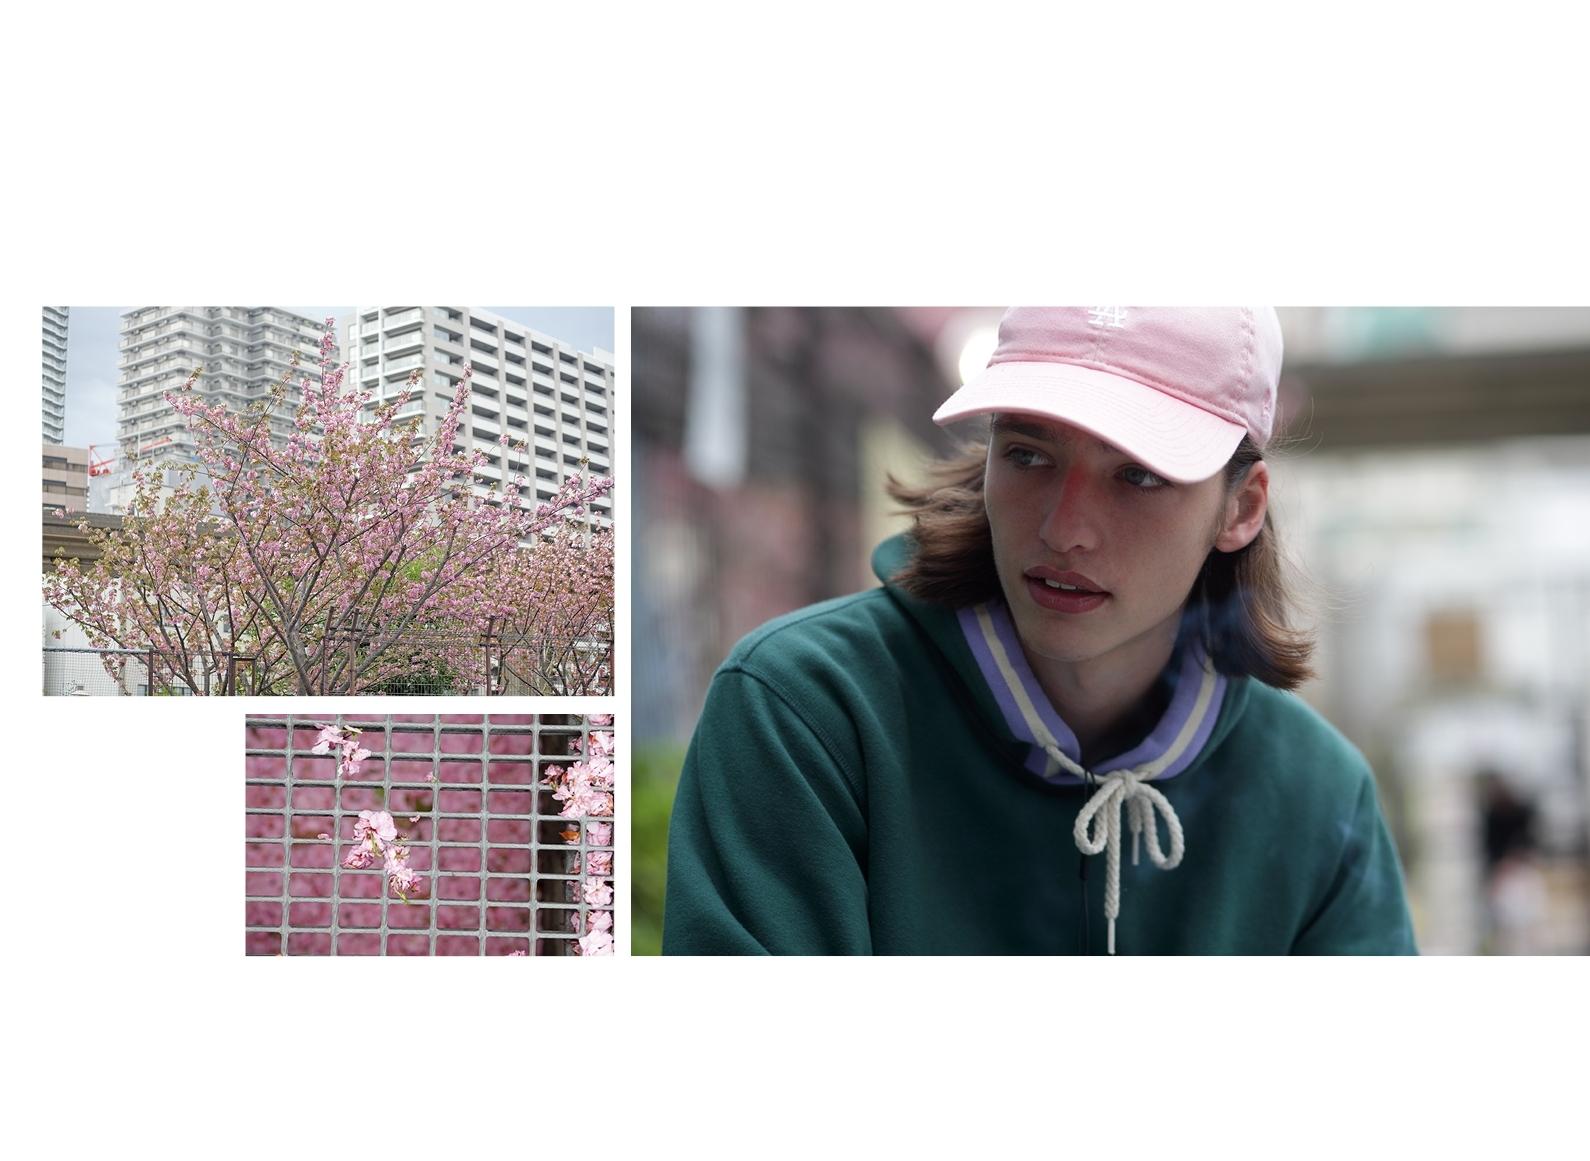 TOKYO_BOY BTBonline Behind The Blinbds Magazine 4.jpg